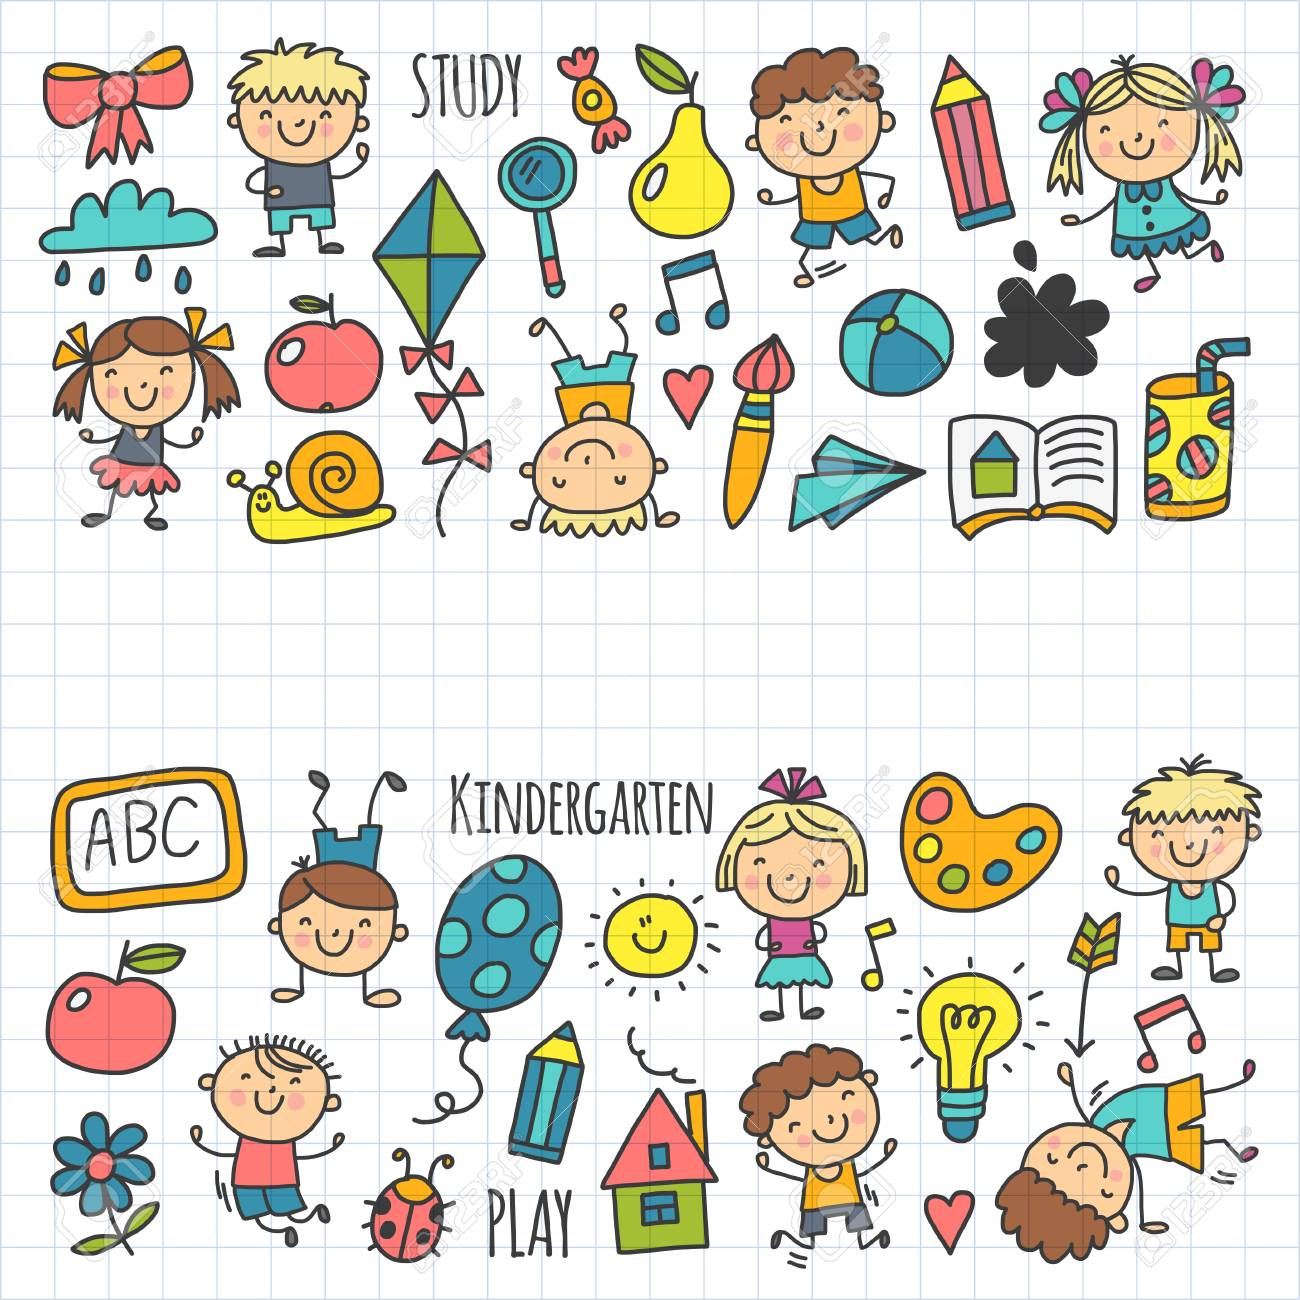 Enfants Dessin École Maternelle Enfants Heureux Jeu Illustration Pour  Enfants Enfants École Maternelle Icon concernant Jeux Enfant Dessin